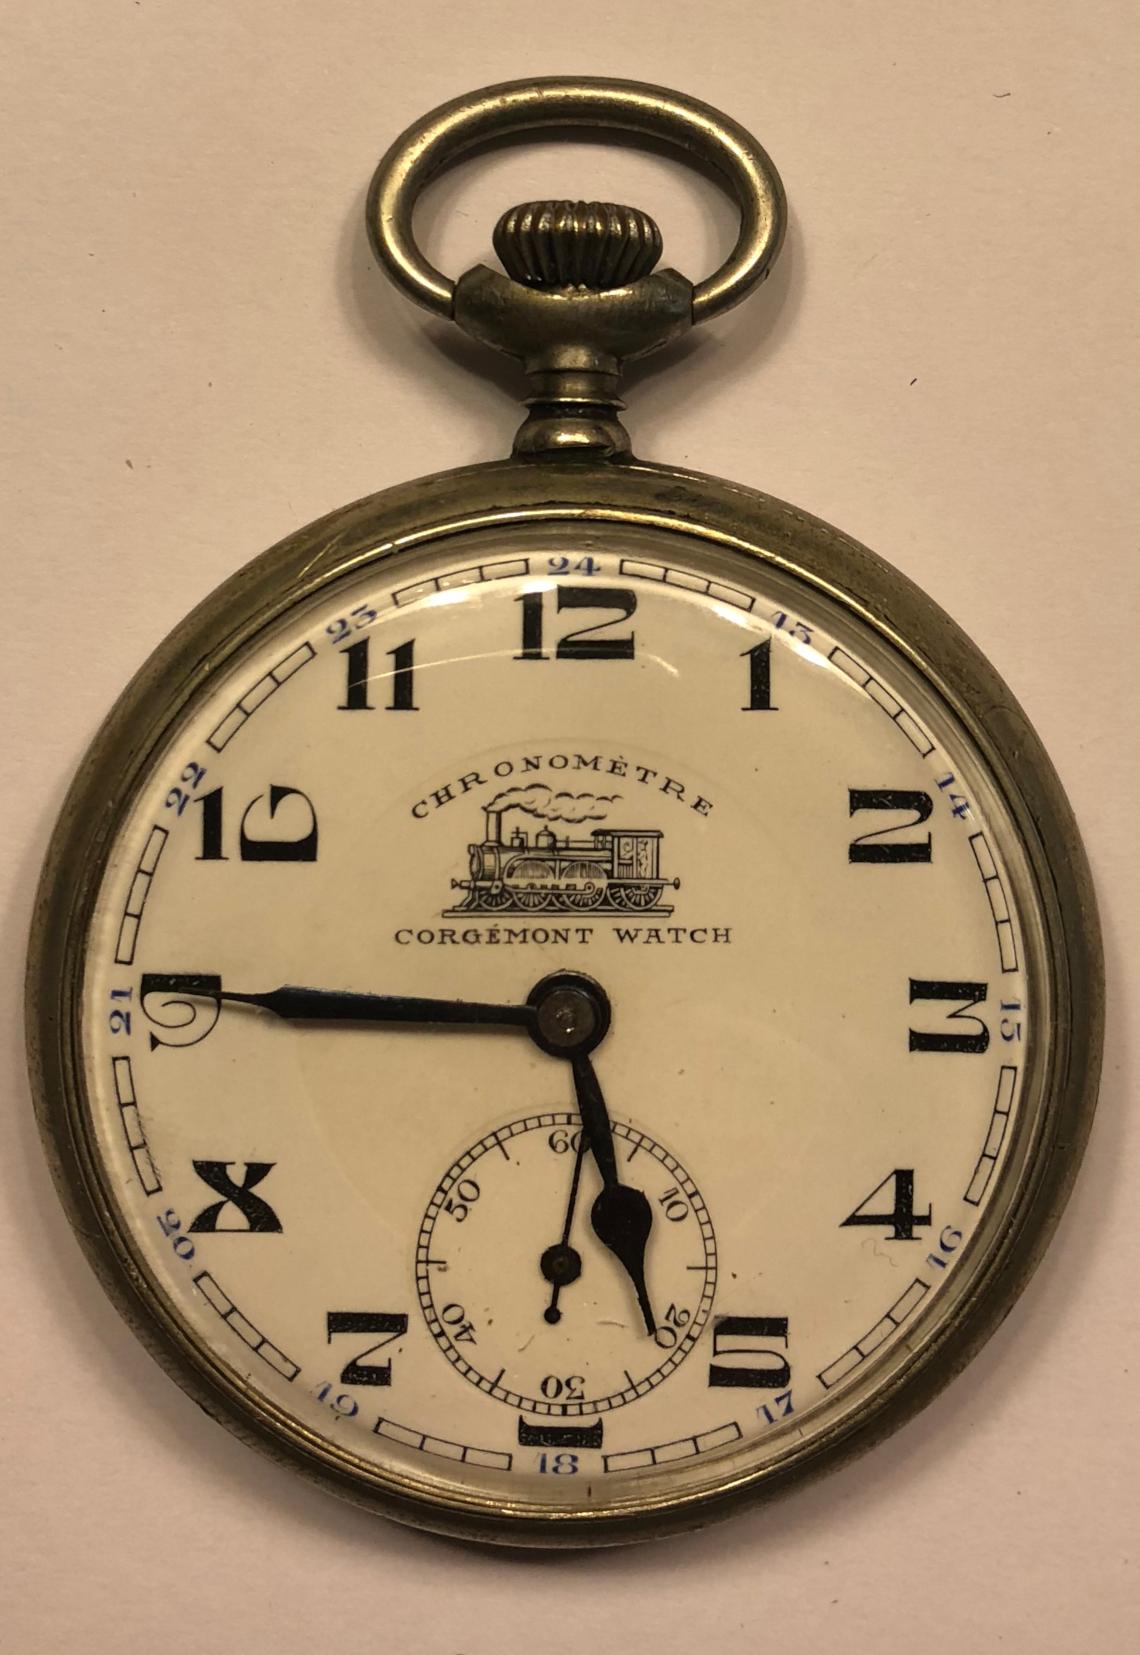 Reloj estilo lepine para ferroviario de la marca CORGÉMONT